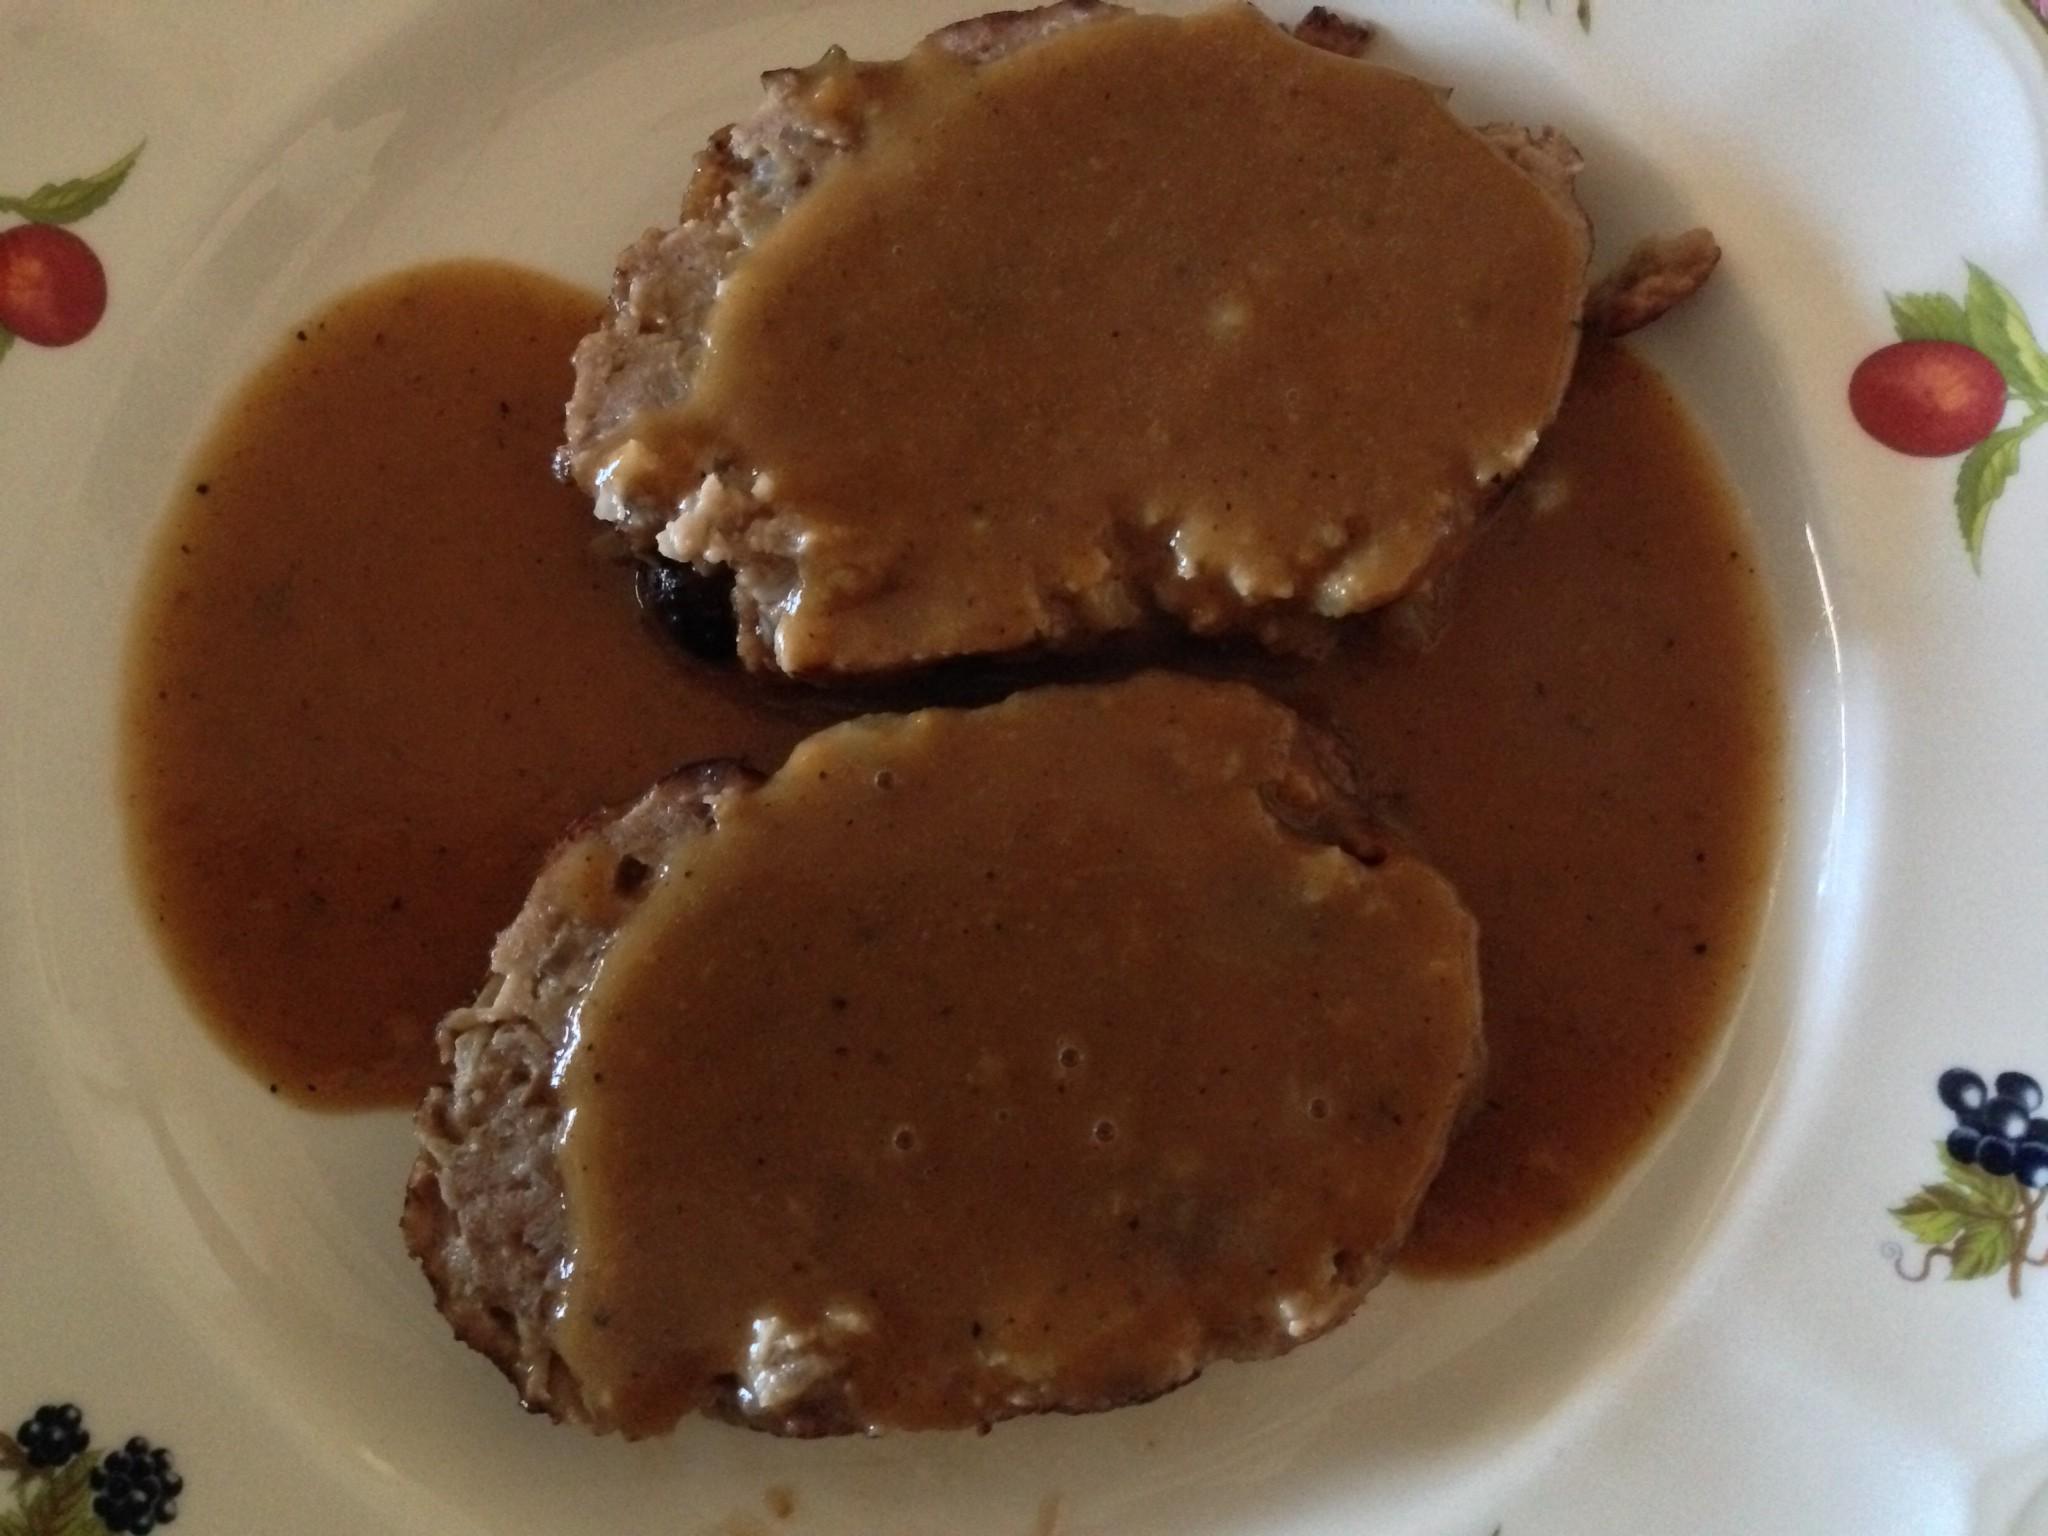 Rollo de carne picada con manzana y pasas principiantes entre fogones - Salsa para relleno de carne ...